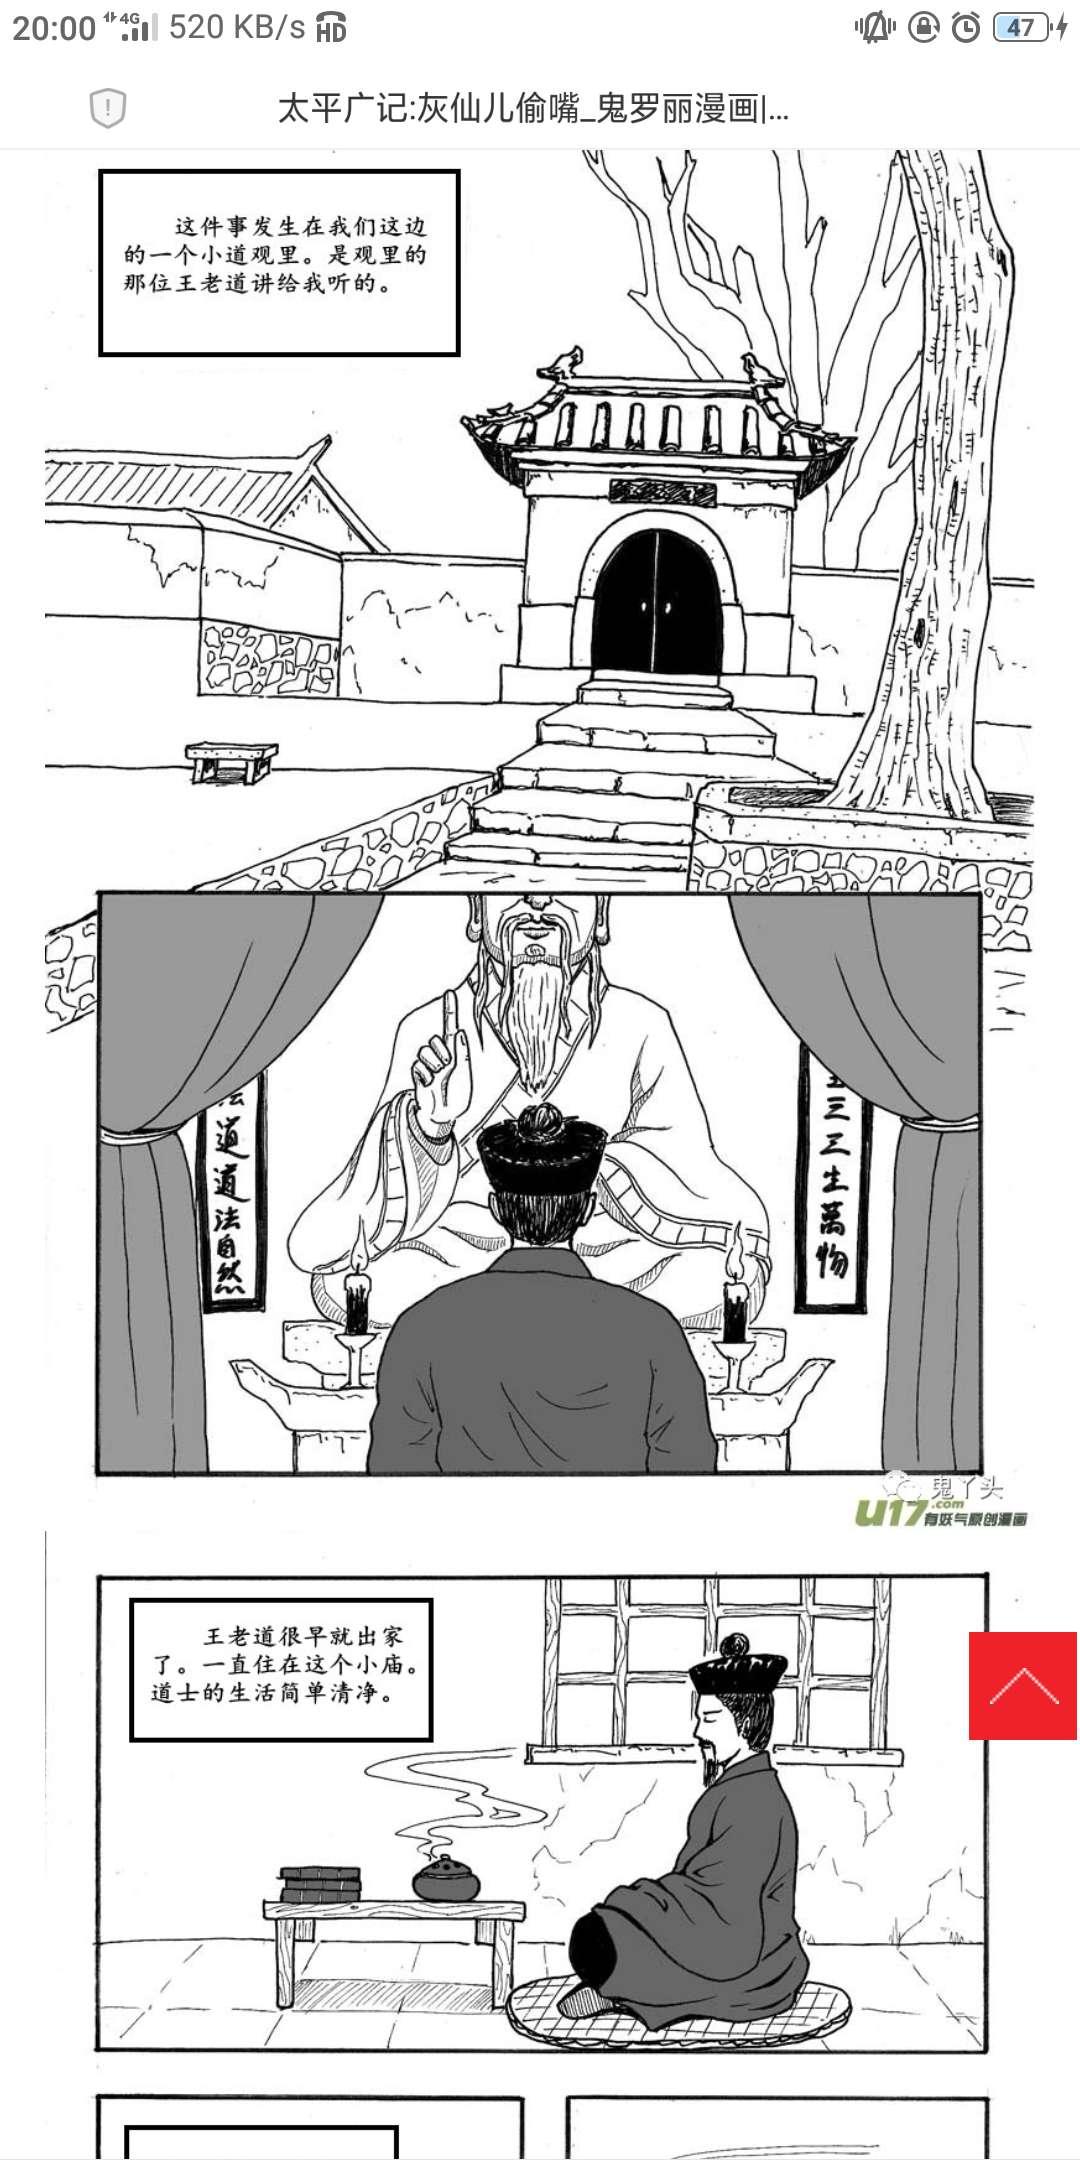 【漫画更新】太平广记之《灰仙儿偷嘴》-小柚妹站